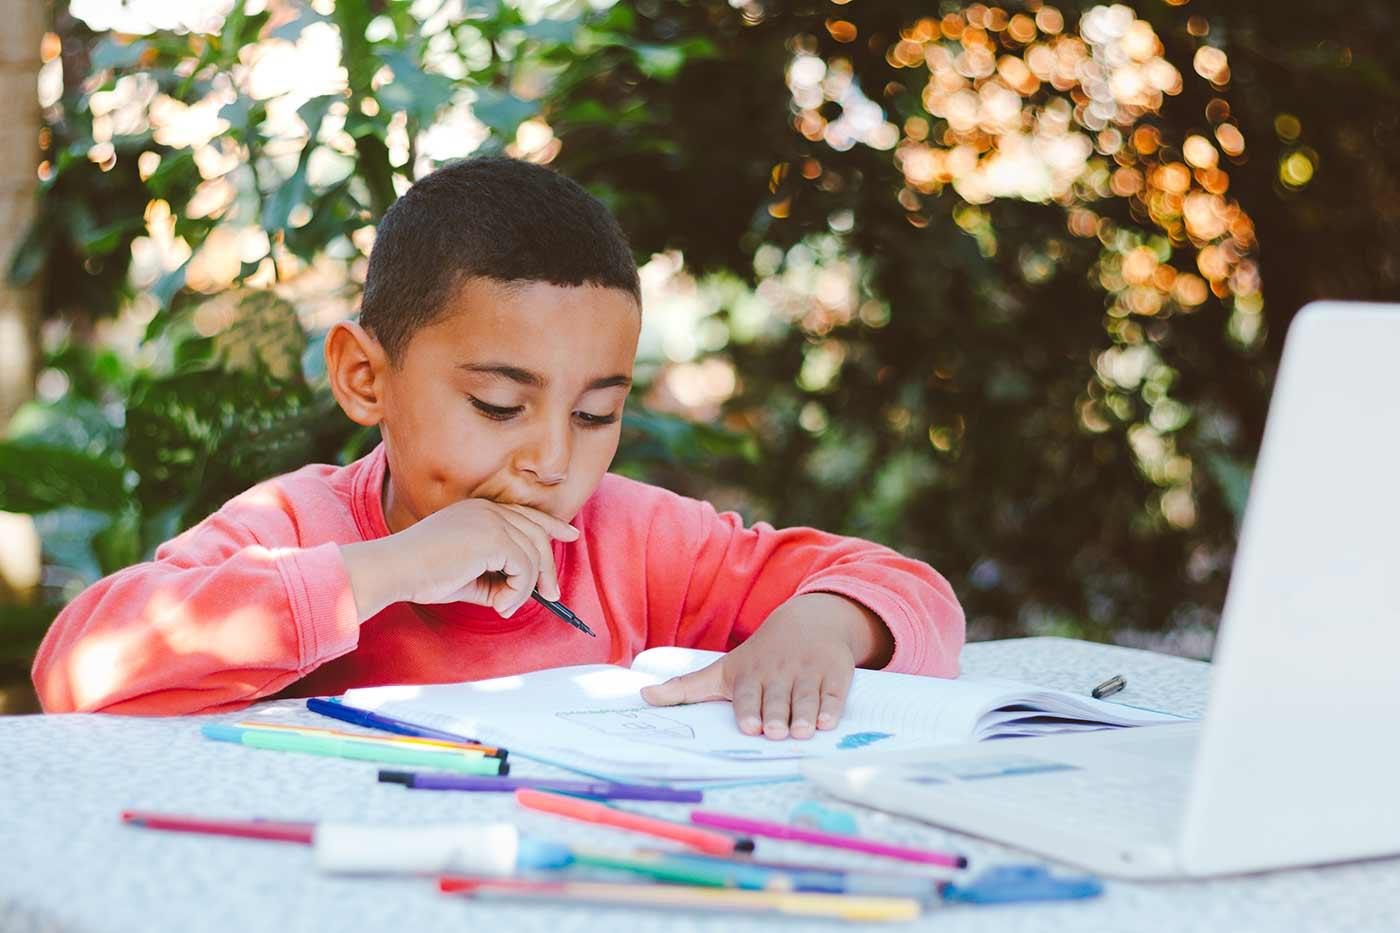 boy doing homework outside